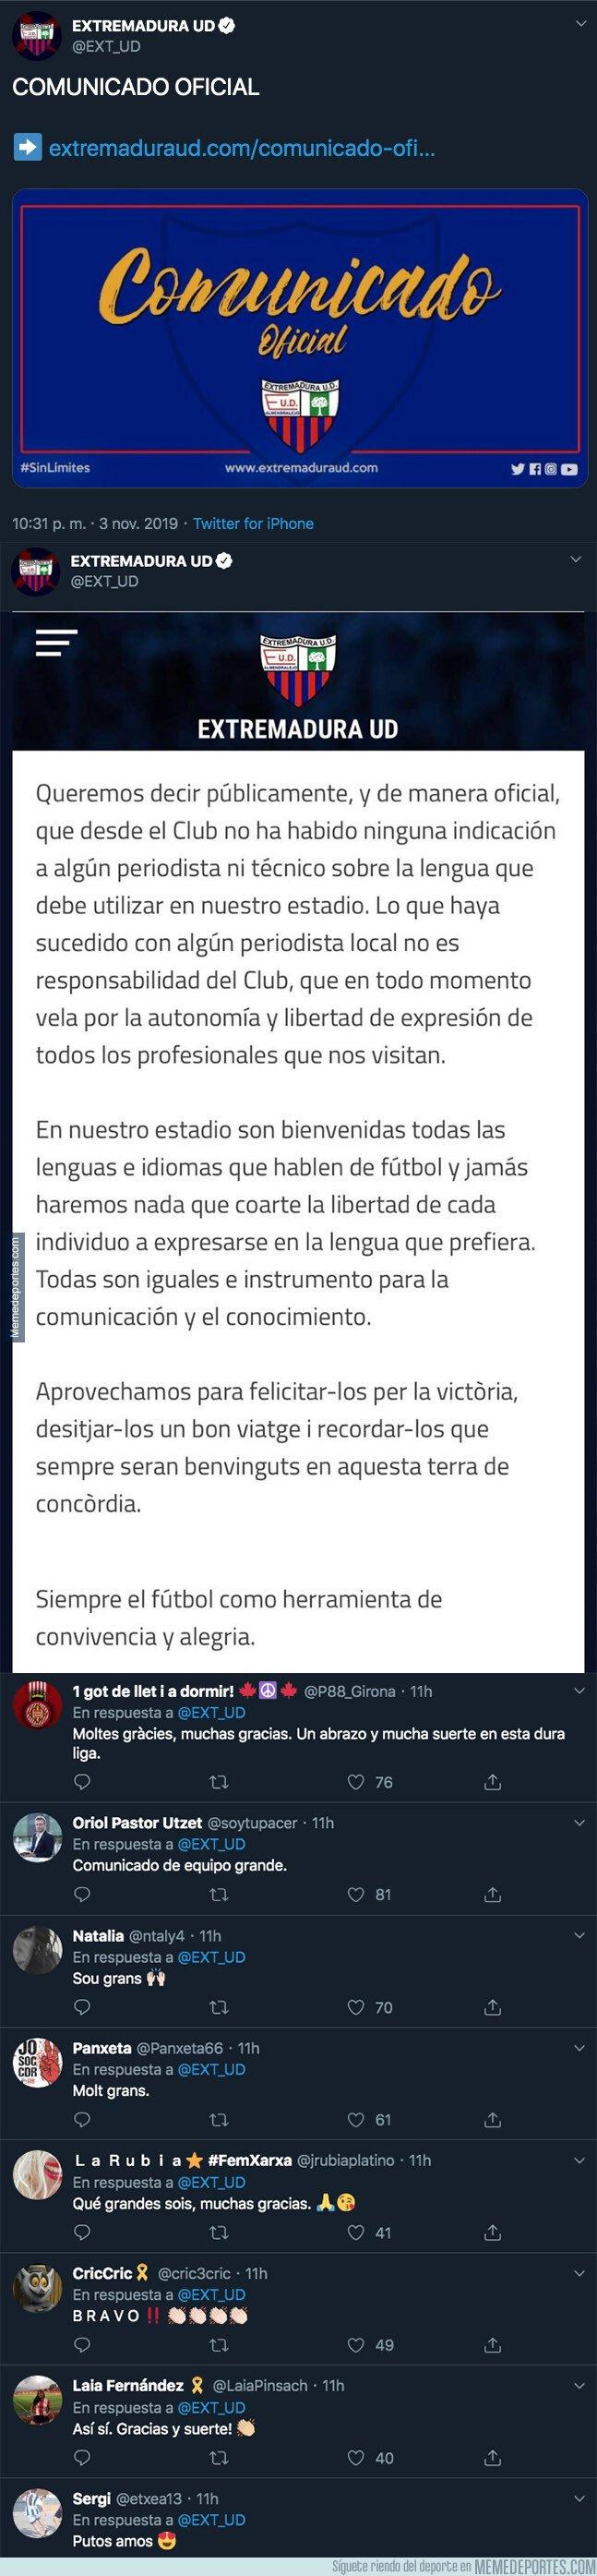 1090021 - El comunicado del Extremadura UD que está aplaudiendo toda Catalunya entera